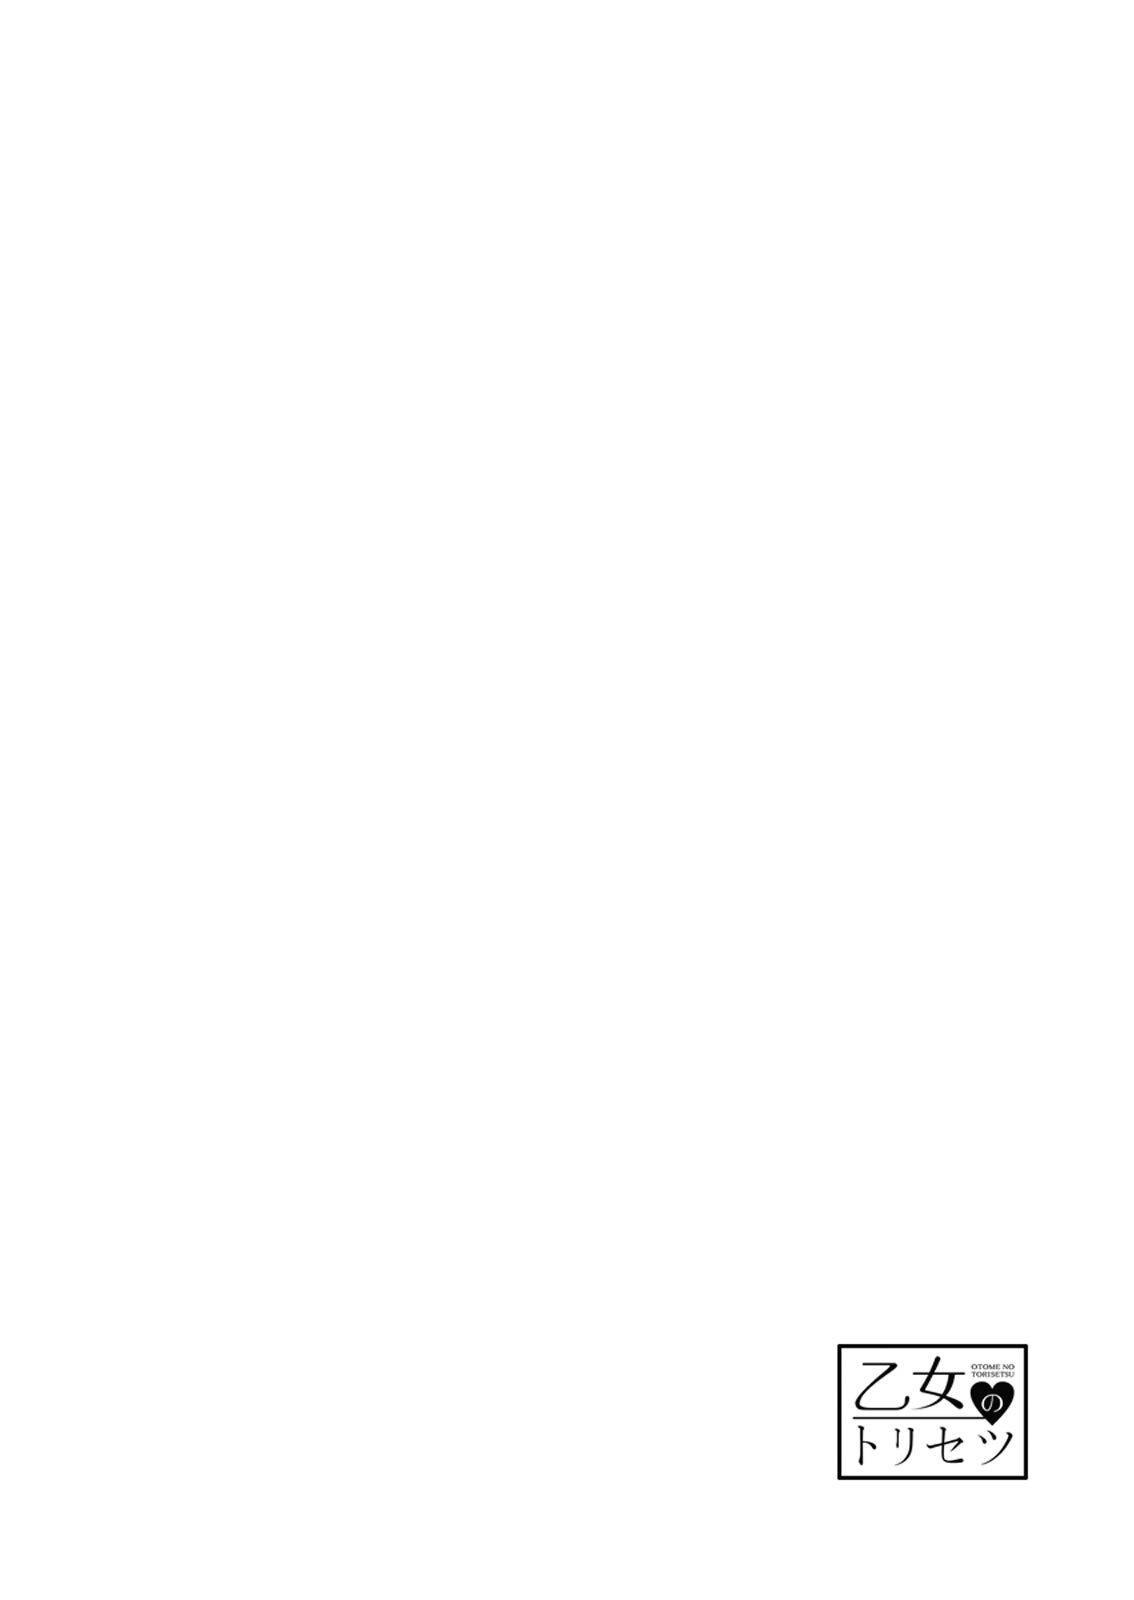 [Yuzushiwo] Akuyaku Reijou wa Ichizu ni Dekiai sarete ~Noumitsu Sex no Aite wa Juuboku~ | 被疯狂溺爱的反派大小姐~浓密性爱对象是仆从~ 1-5 [Chinese] [莉赛特汉化组] 1